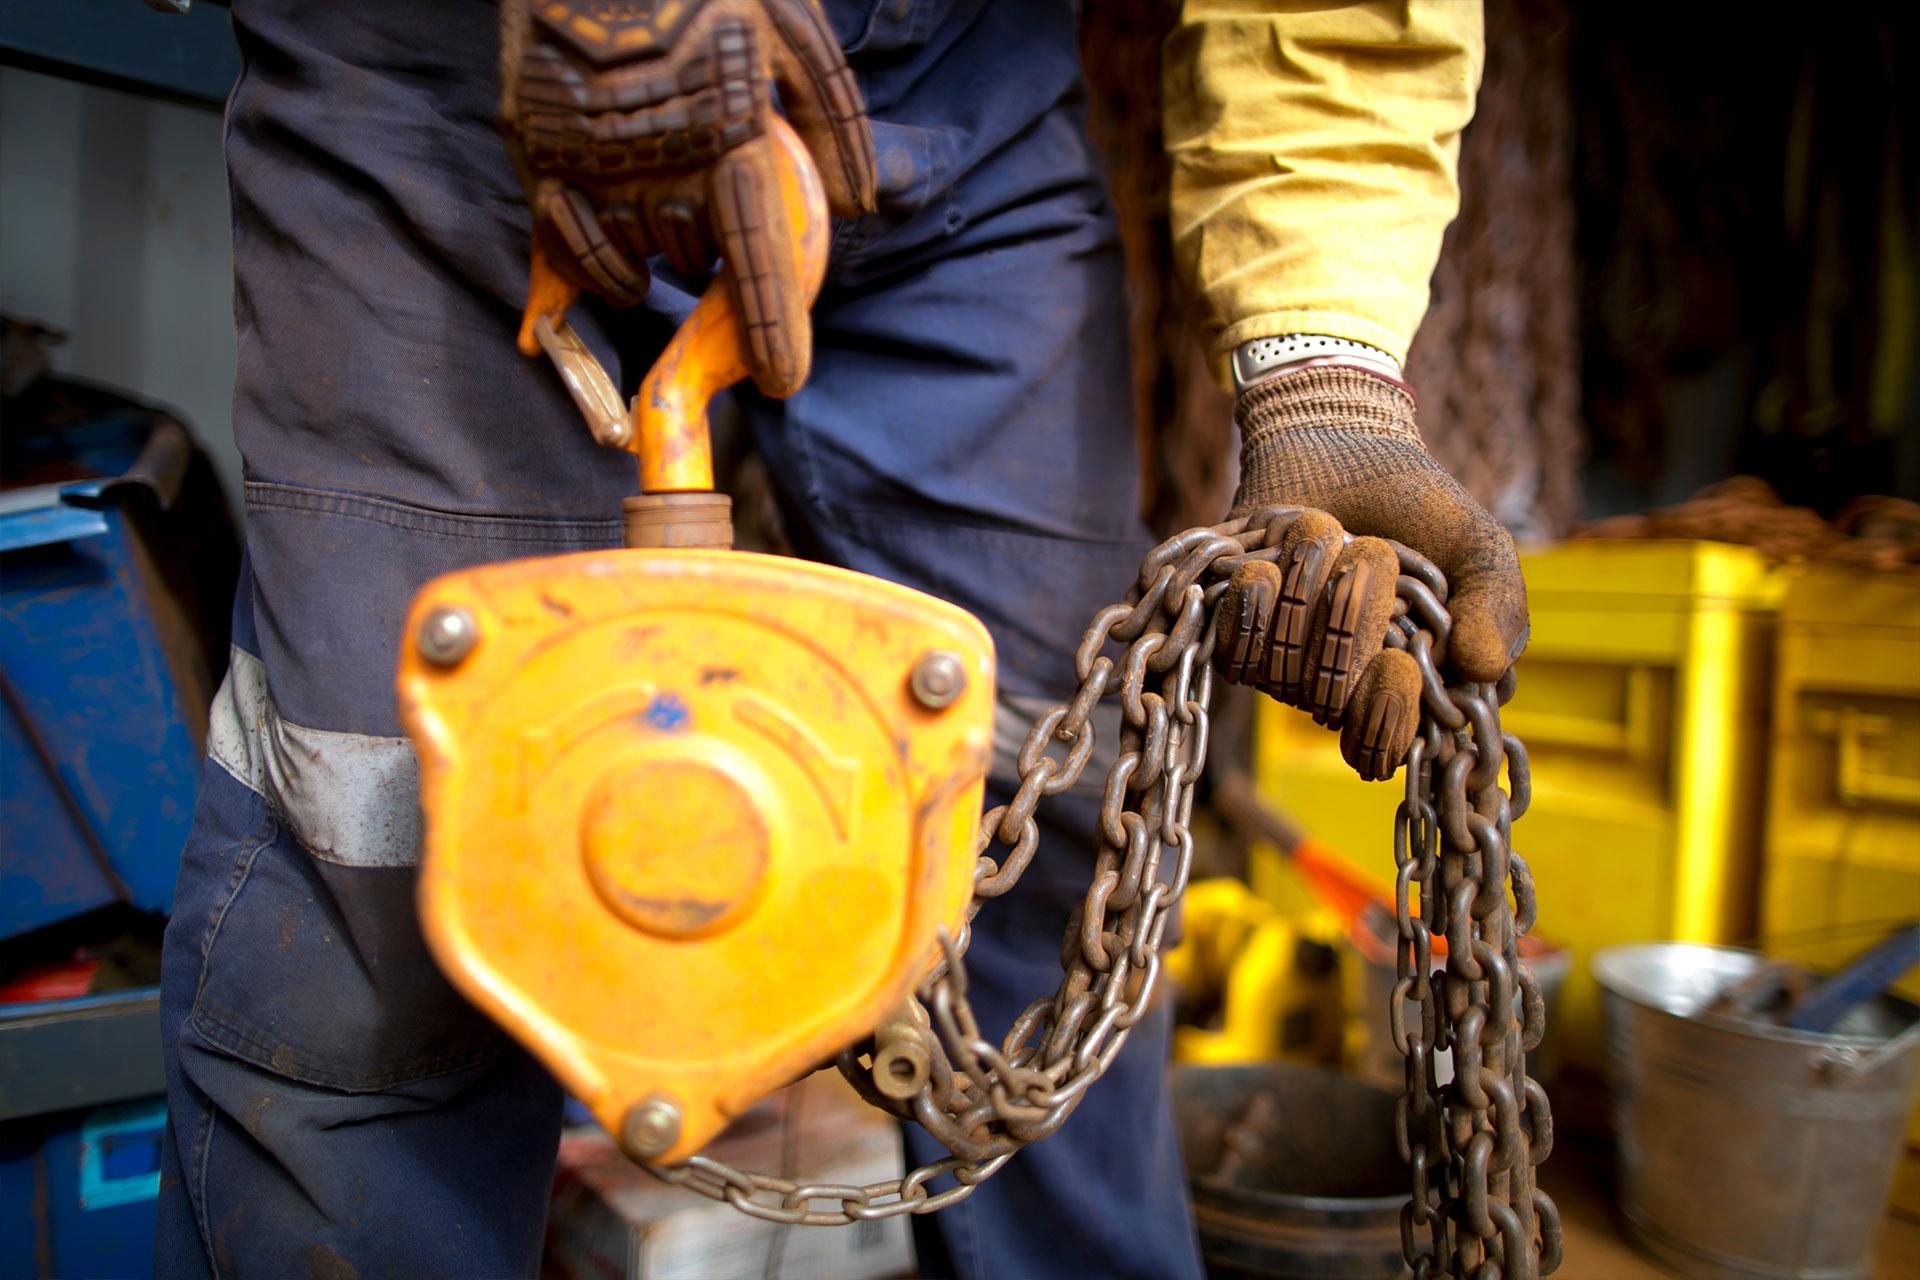 Azur Service Manutention est spécialisée dans tous les travaux de manutention et de levage en sites industriels